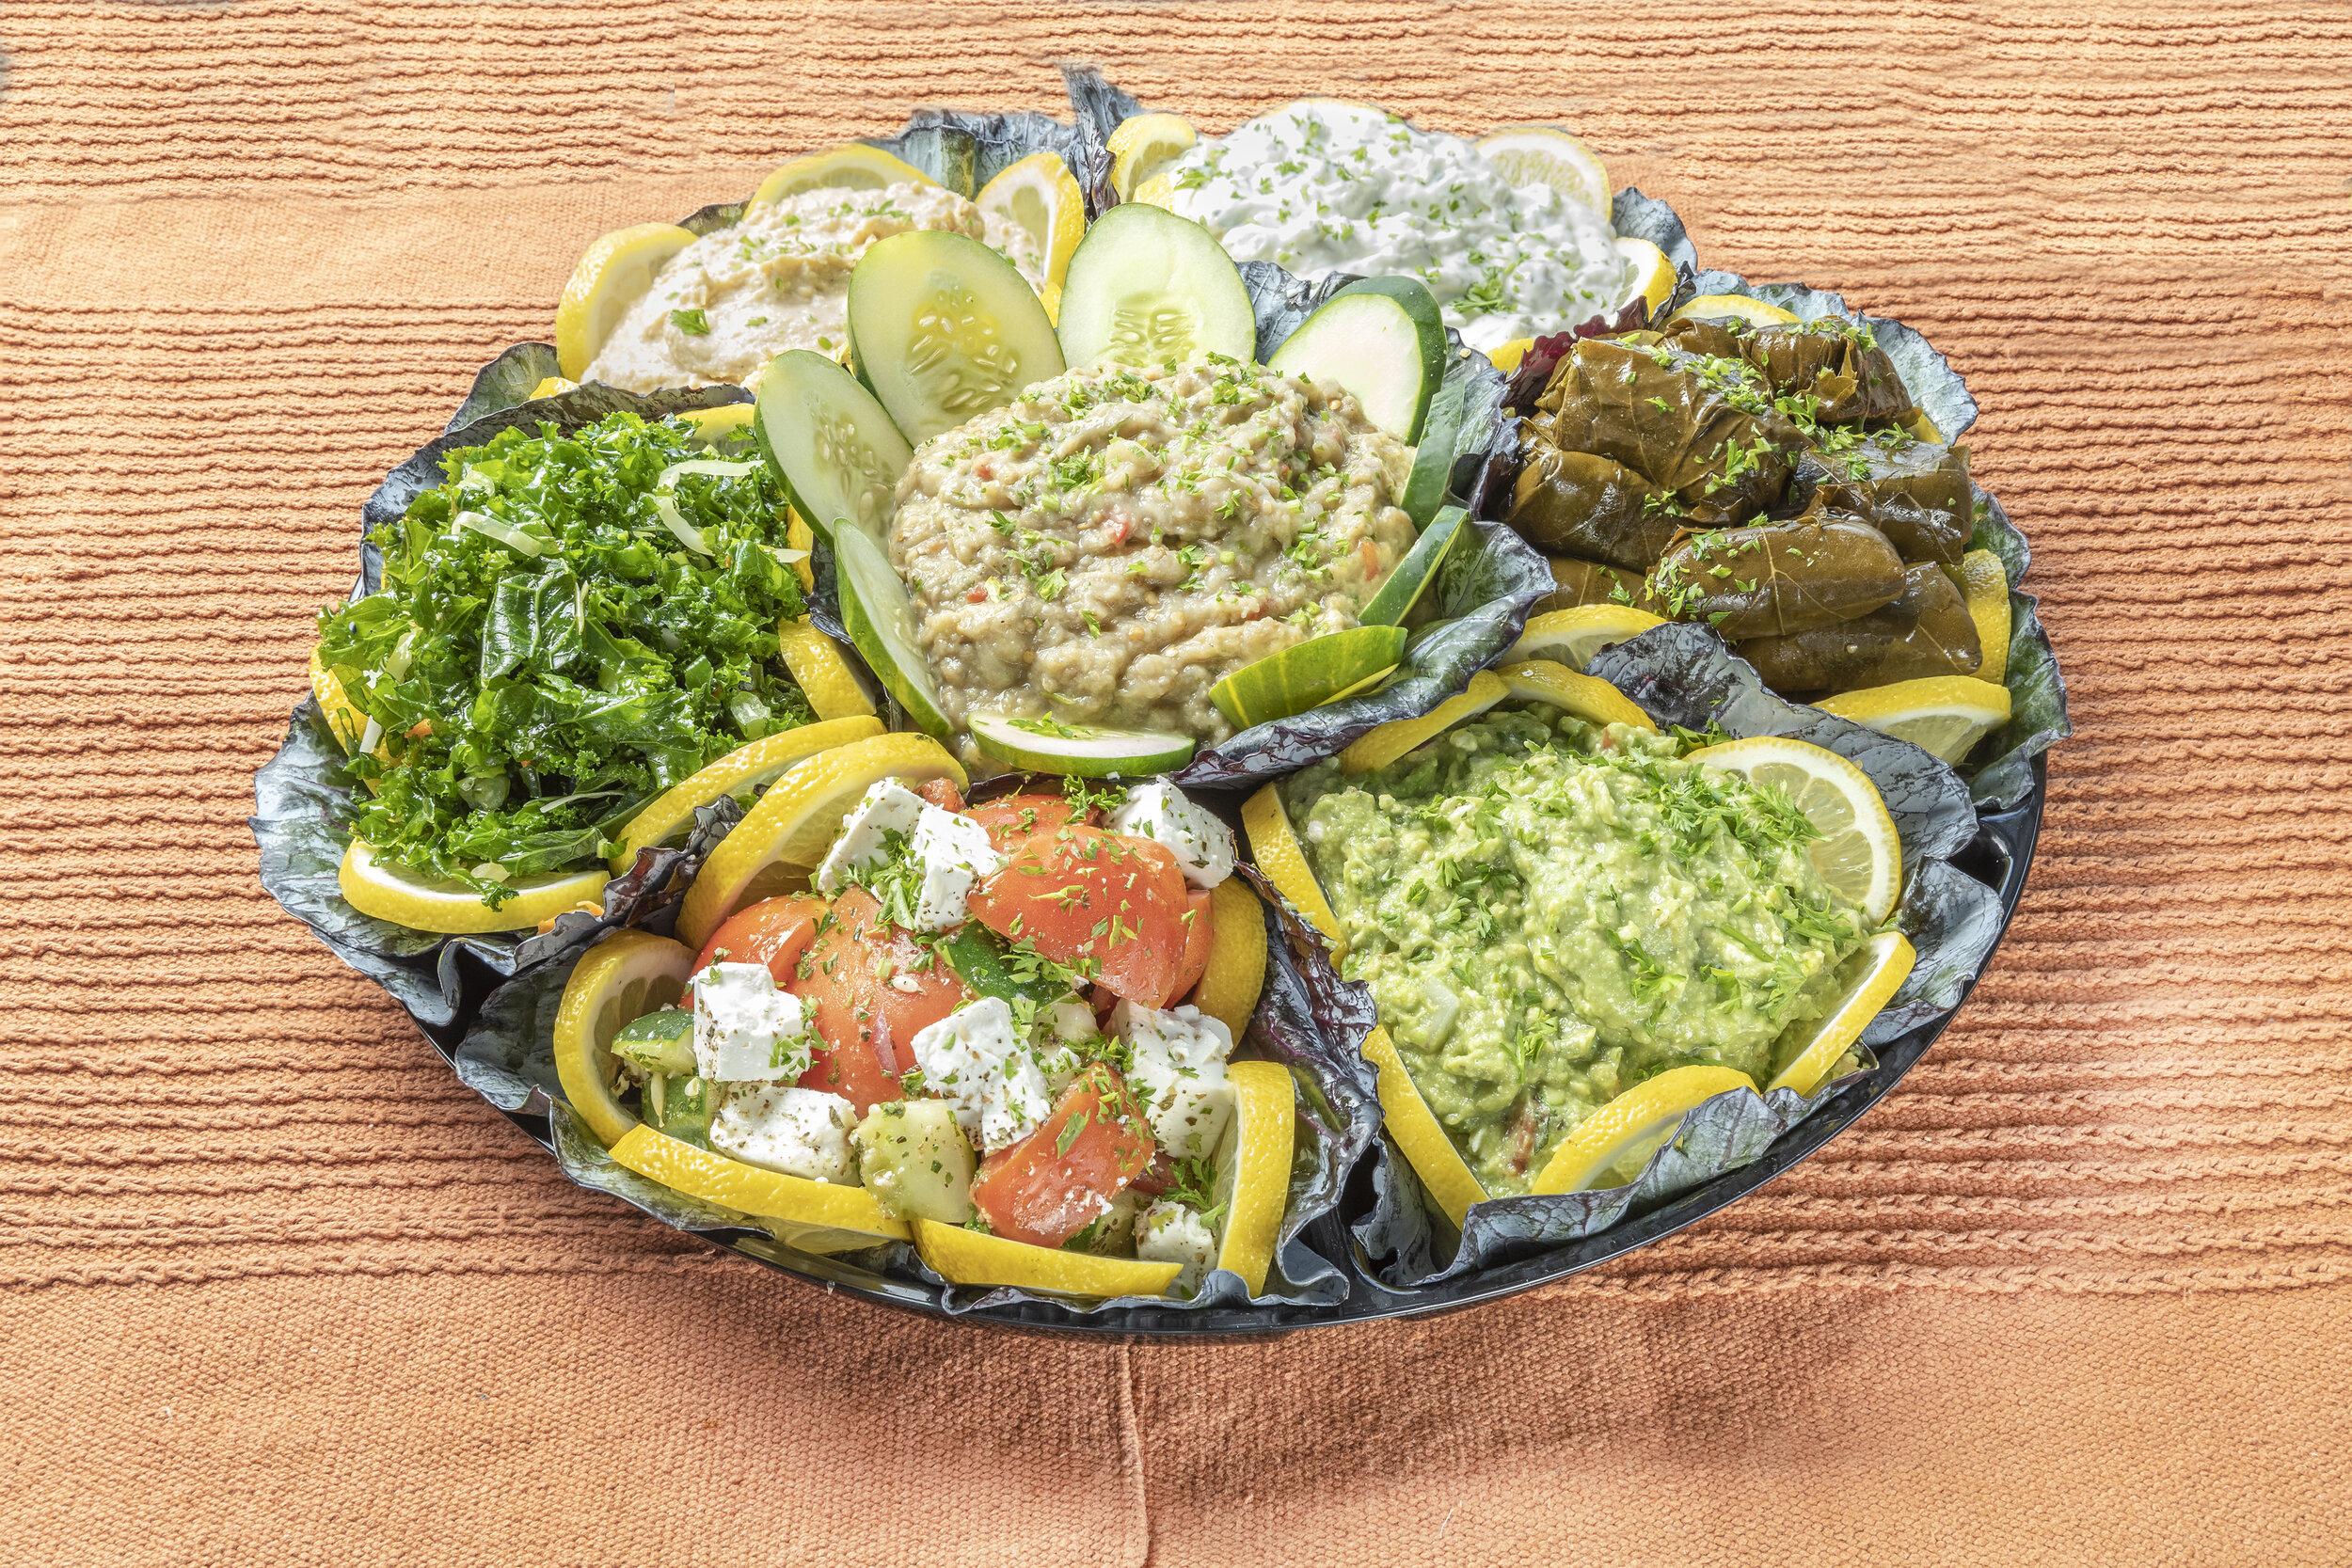 farm grill appetizer sampler platter